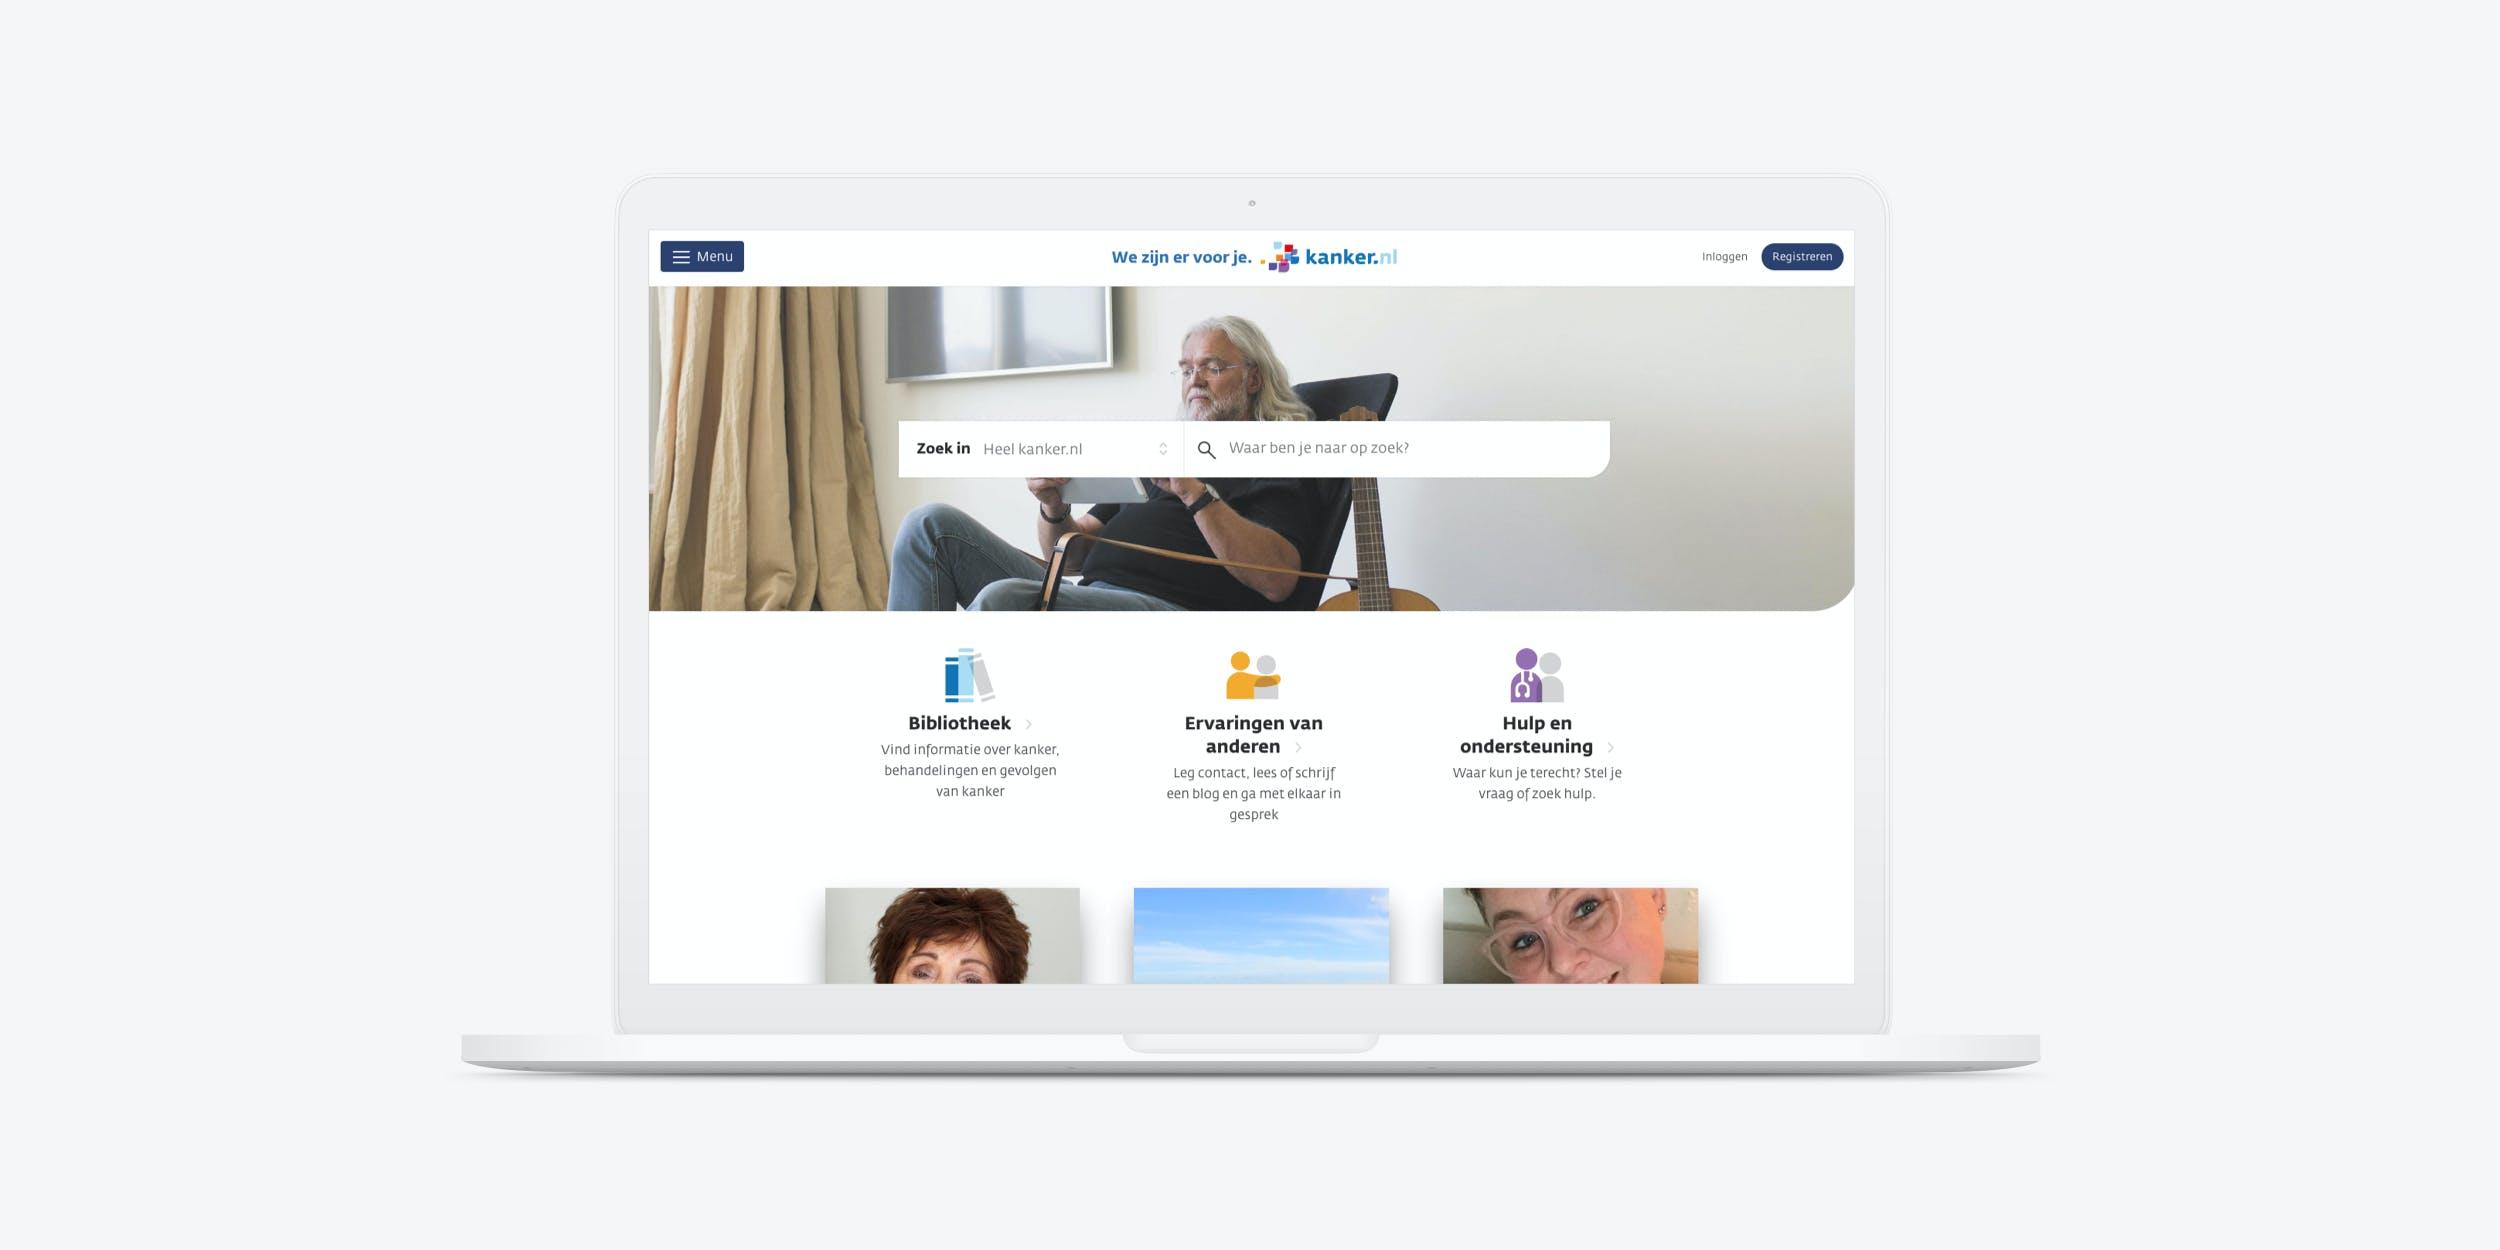 Community platform Kanker.nl